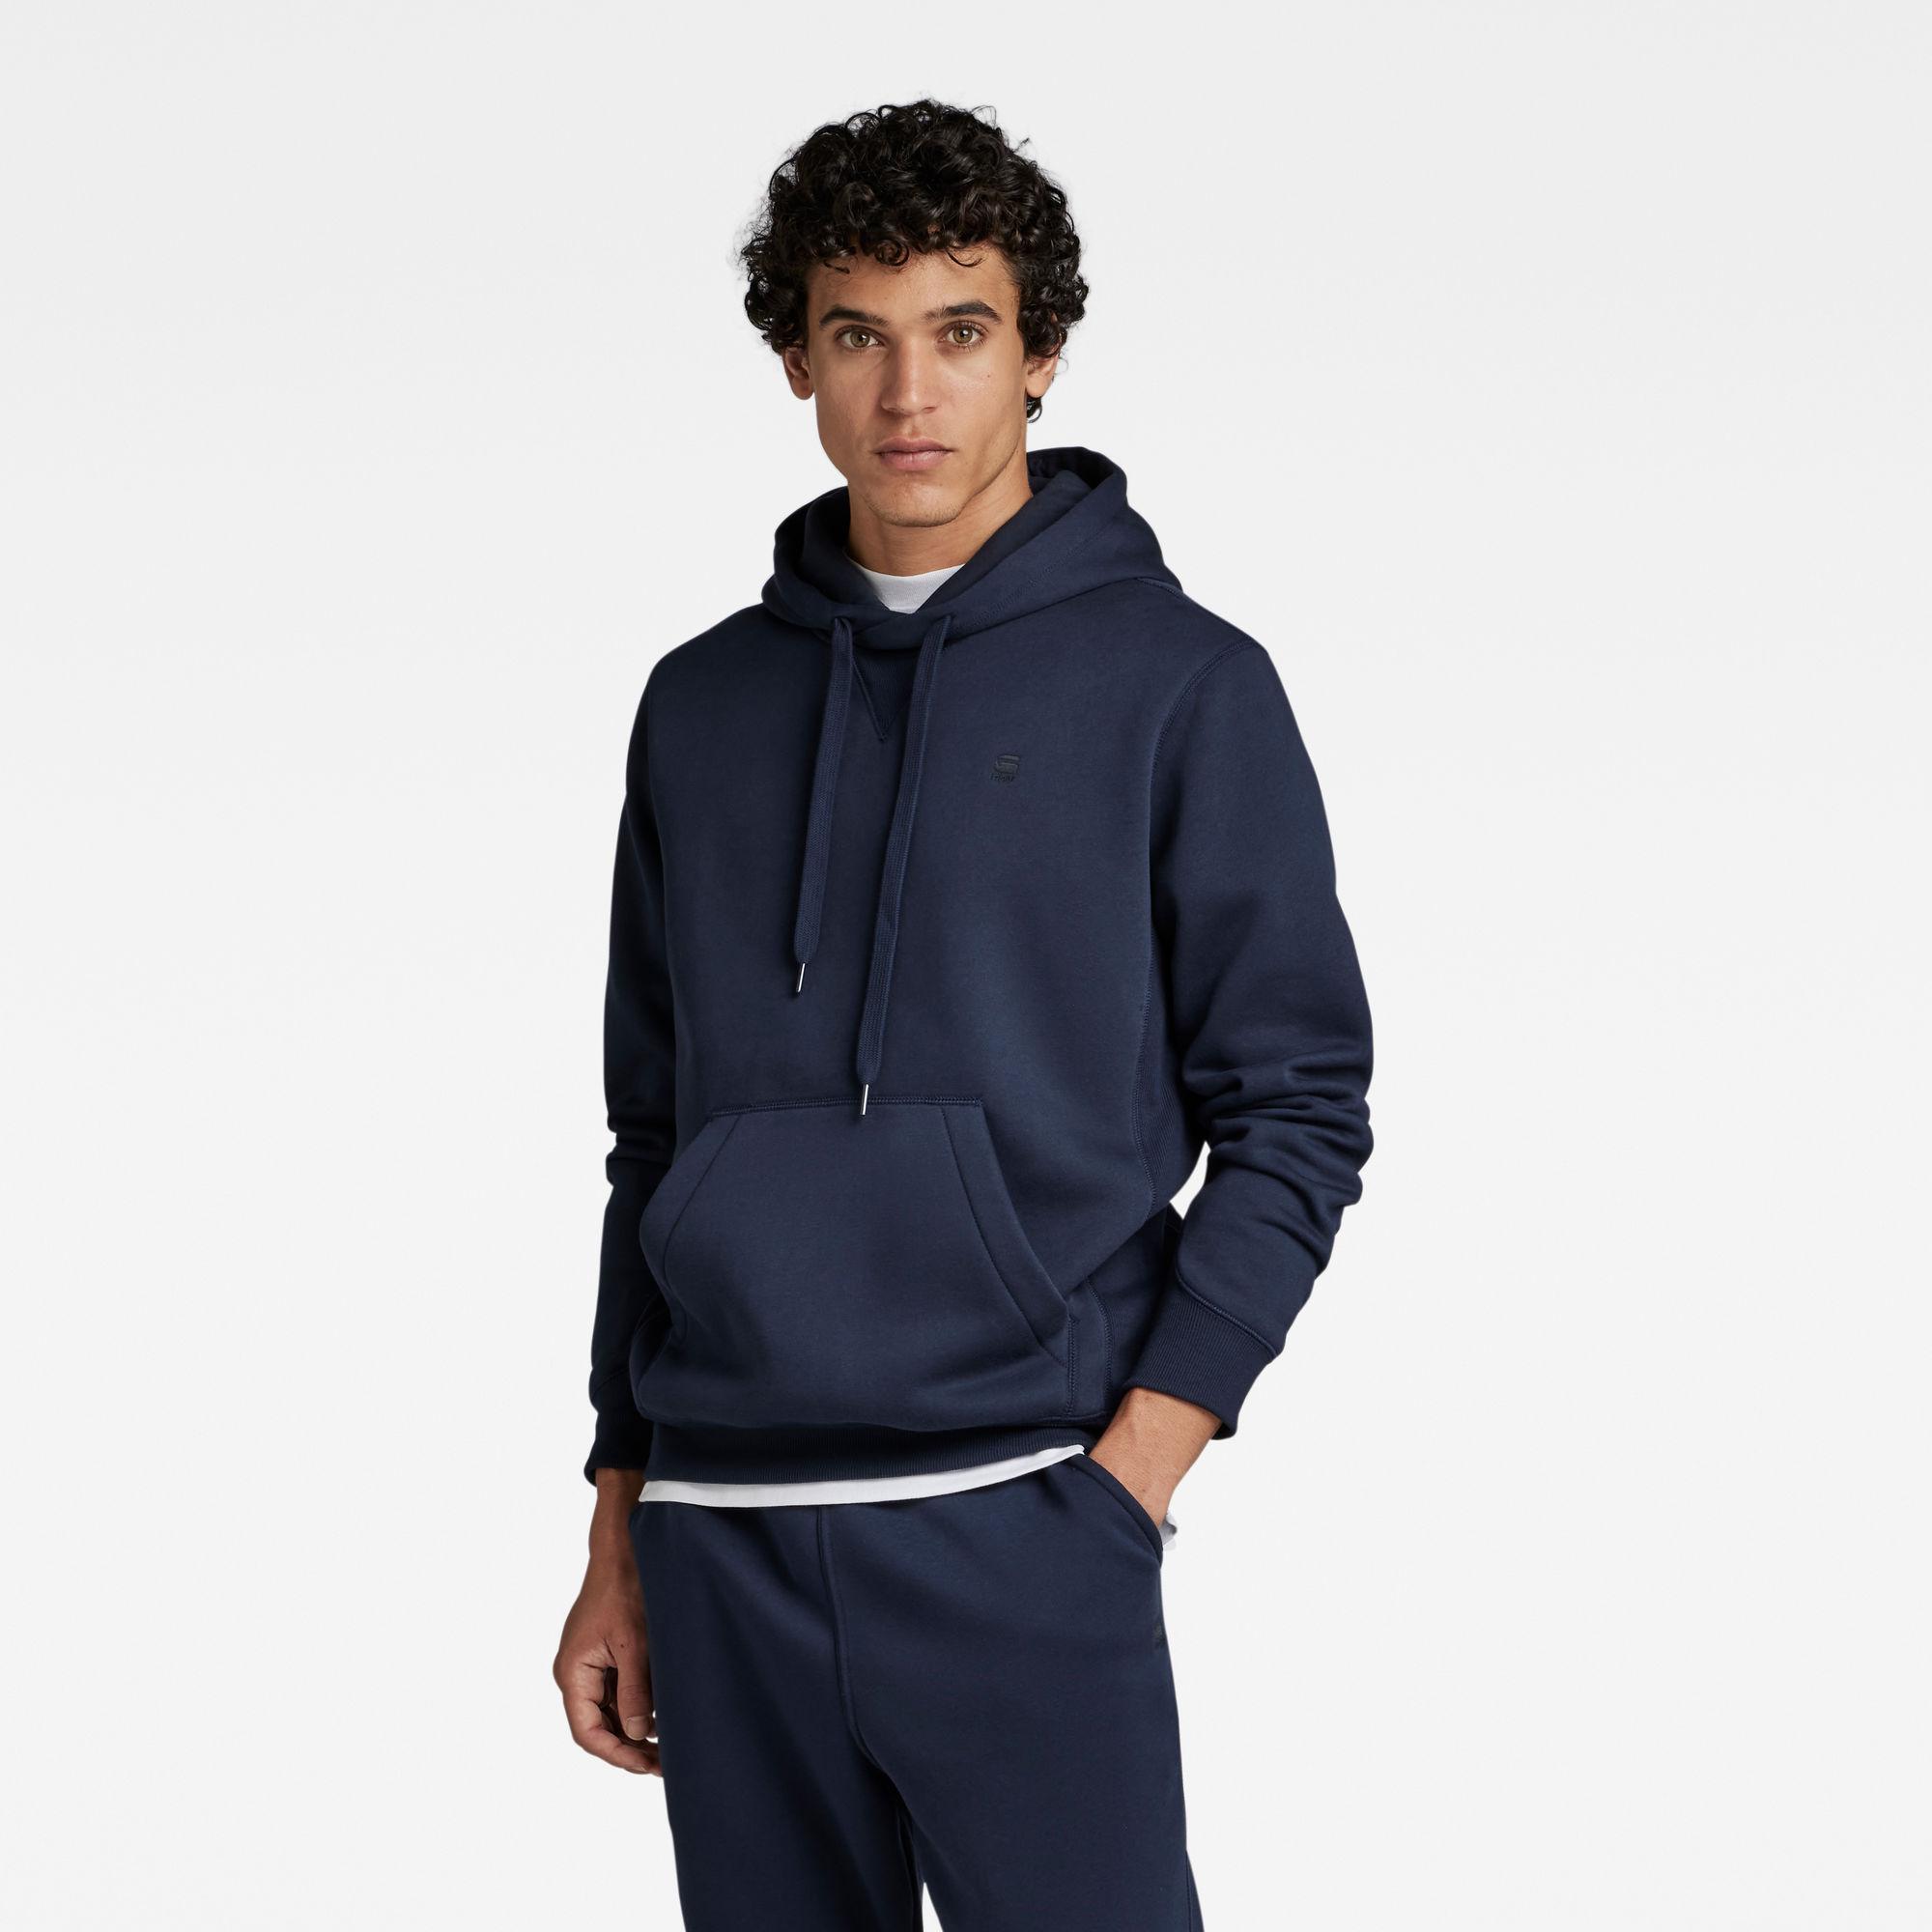 G-Star RAW Premium Basic Sweater